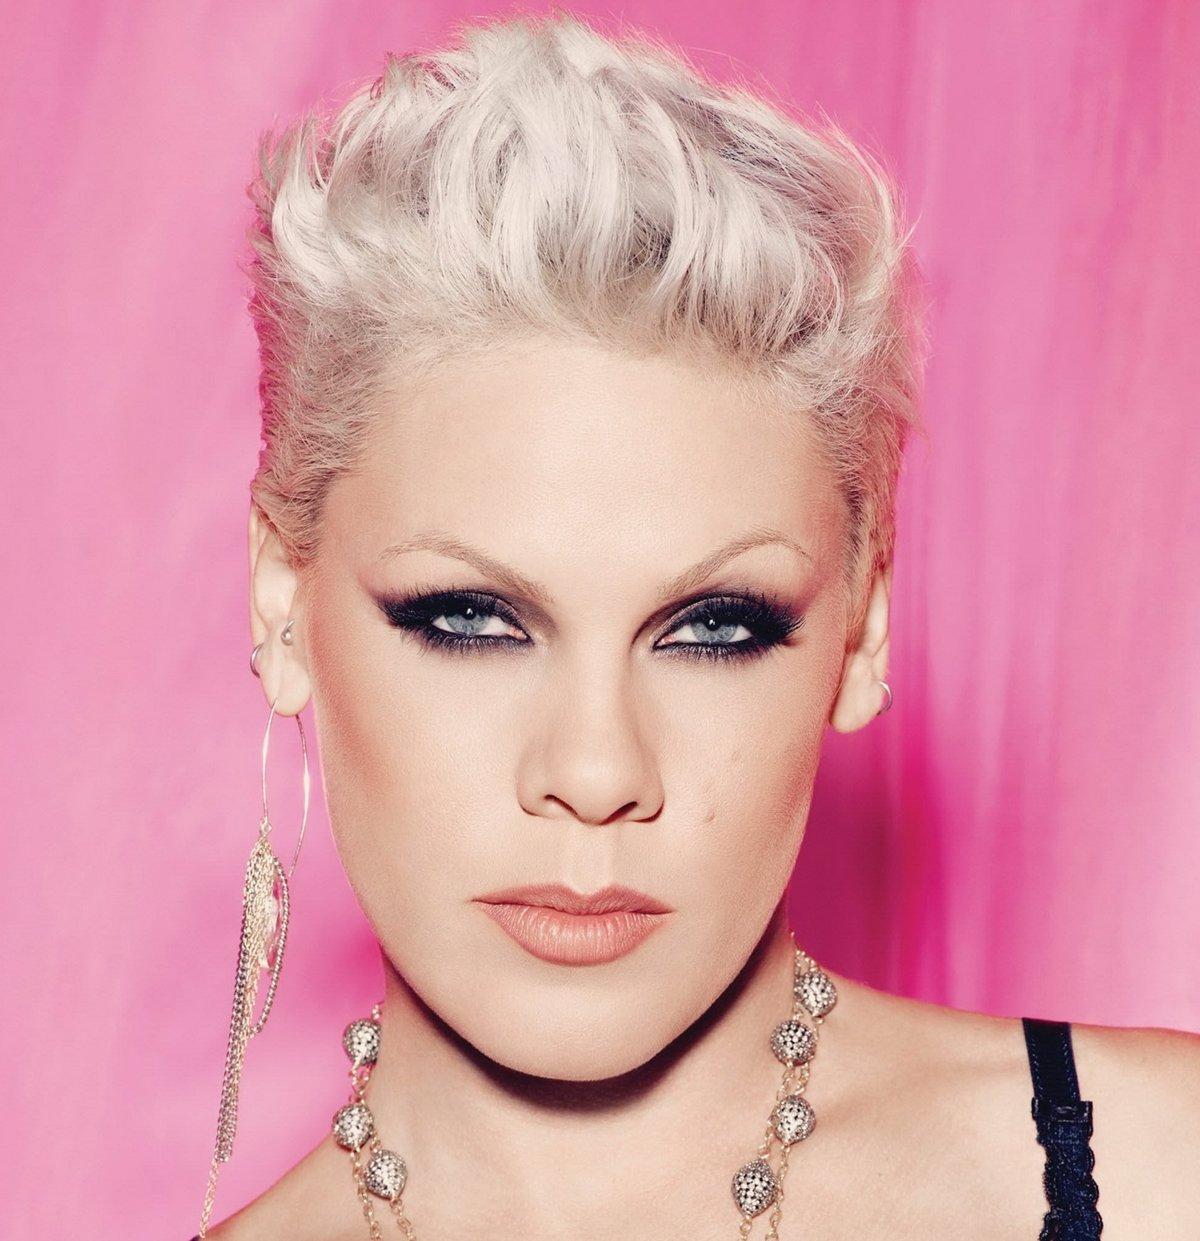 8 32 10 Celebrities Who Have Battled Drug Addiction